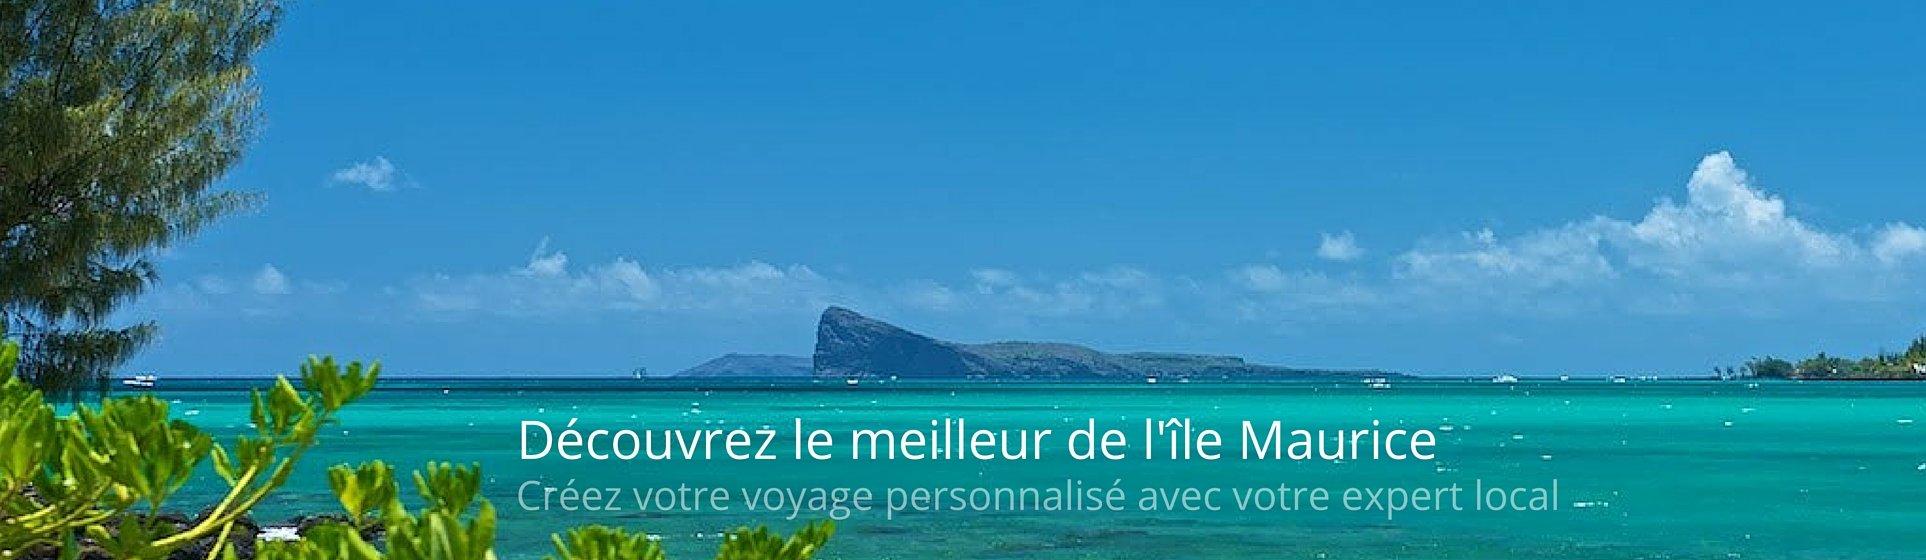 Hotels ile maurice voyage ile maurice resamaurice for Hotels ile maurice